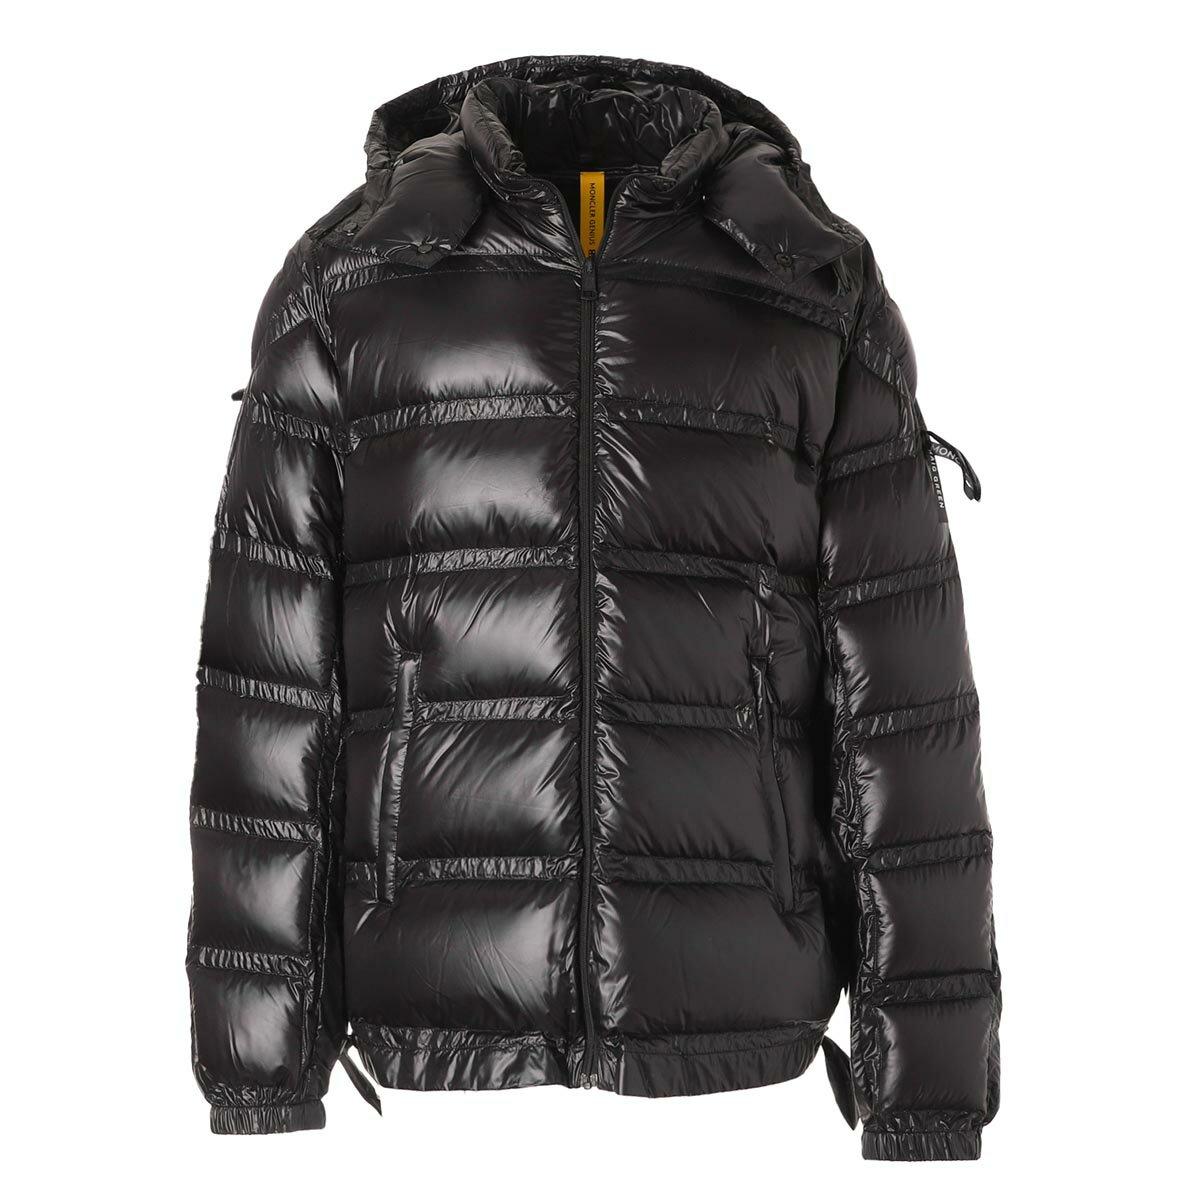 メンズファッション, コート・ジャケット  MONCLER lantz 1a50800 c0624 999 MONCLER GENIUS 5 CRAIG GREEN LANTZ